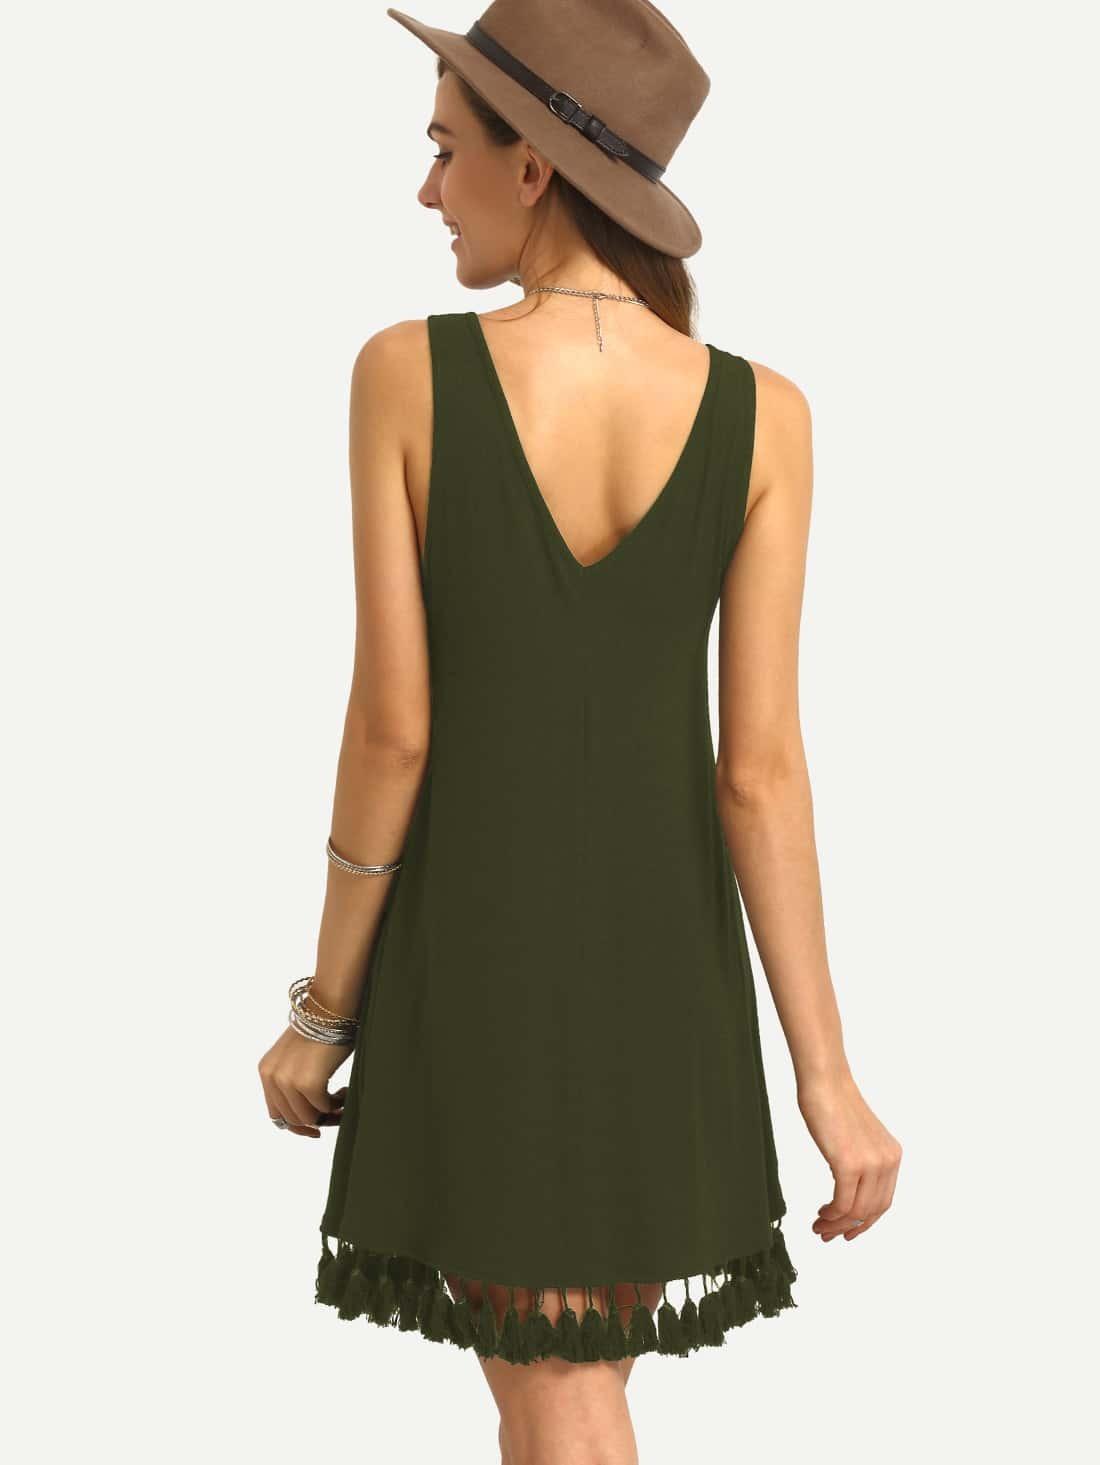 dress170428702_2